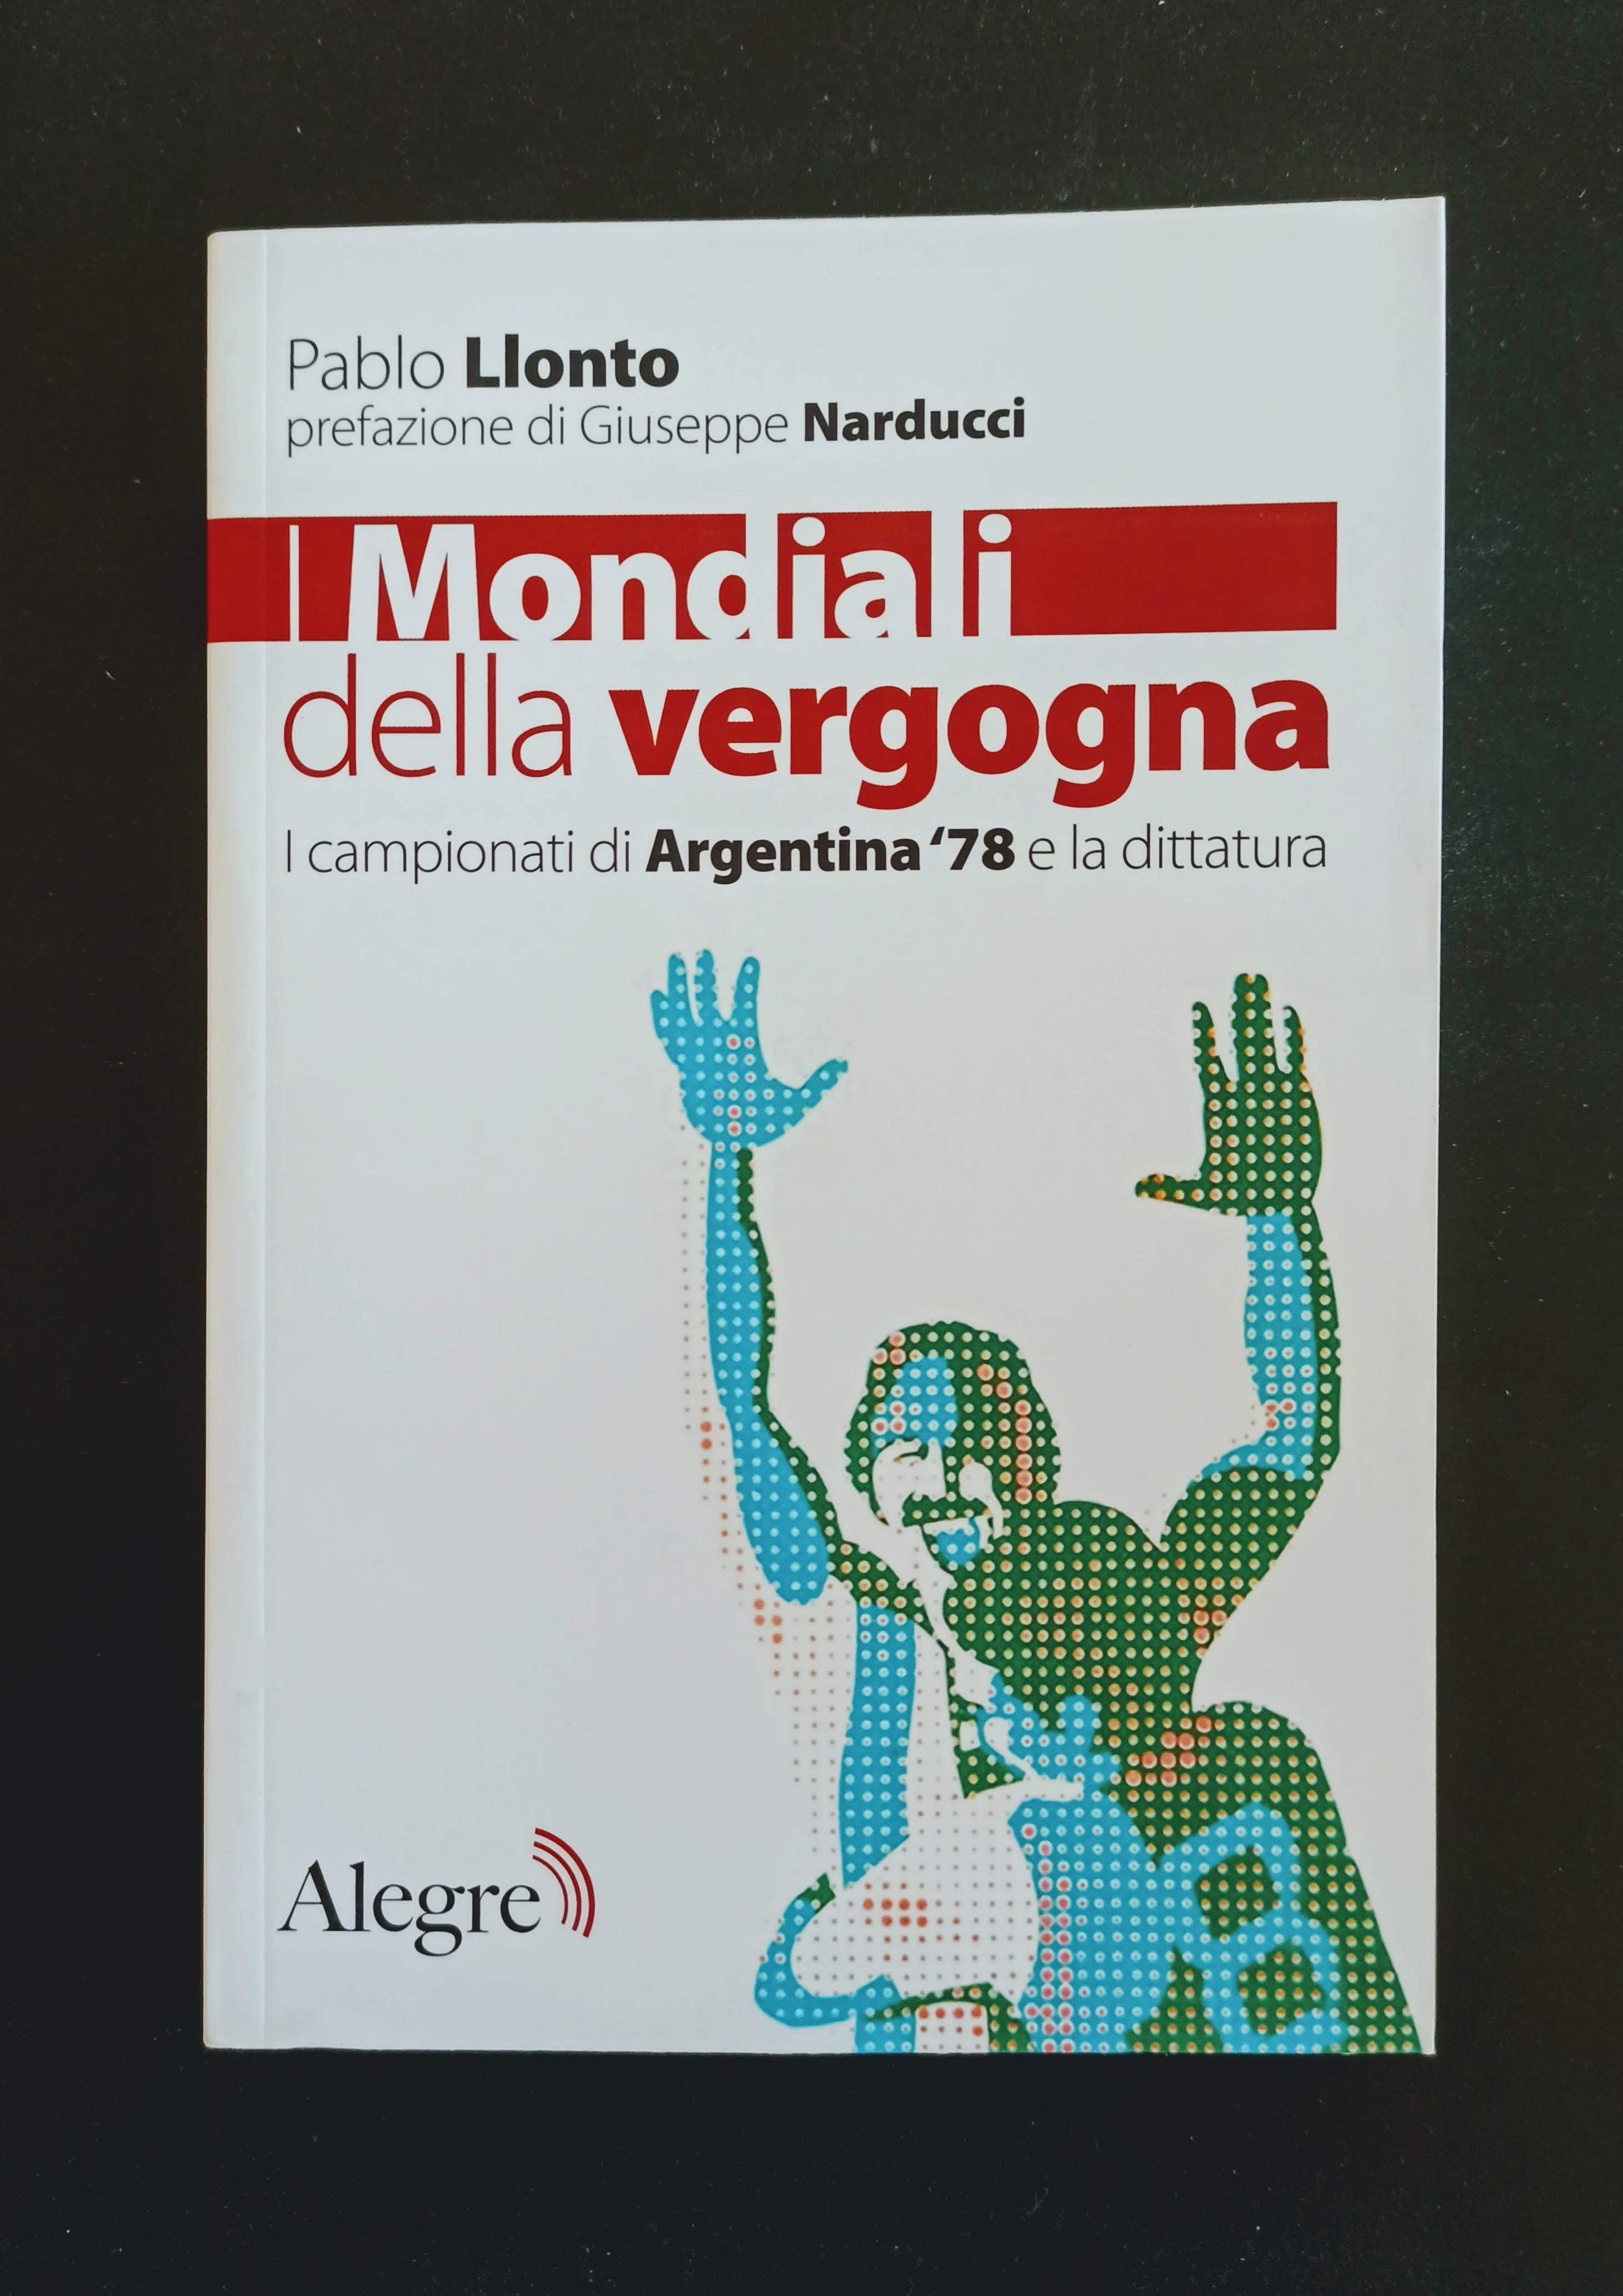 I Mondiali della vergogna - I campionati di Argentina '78 e la dittatura